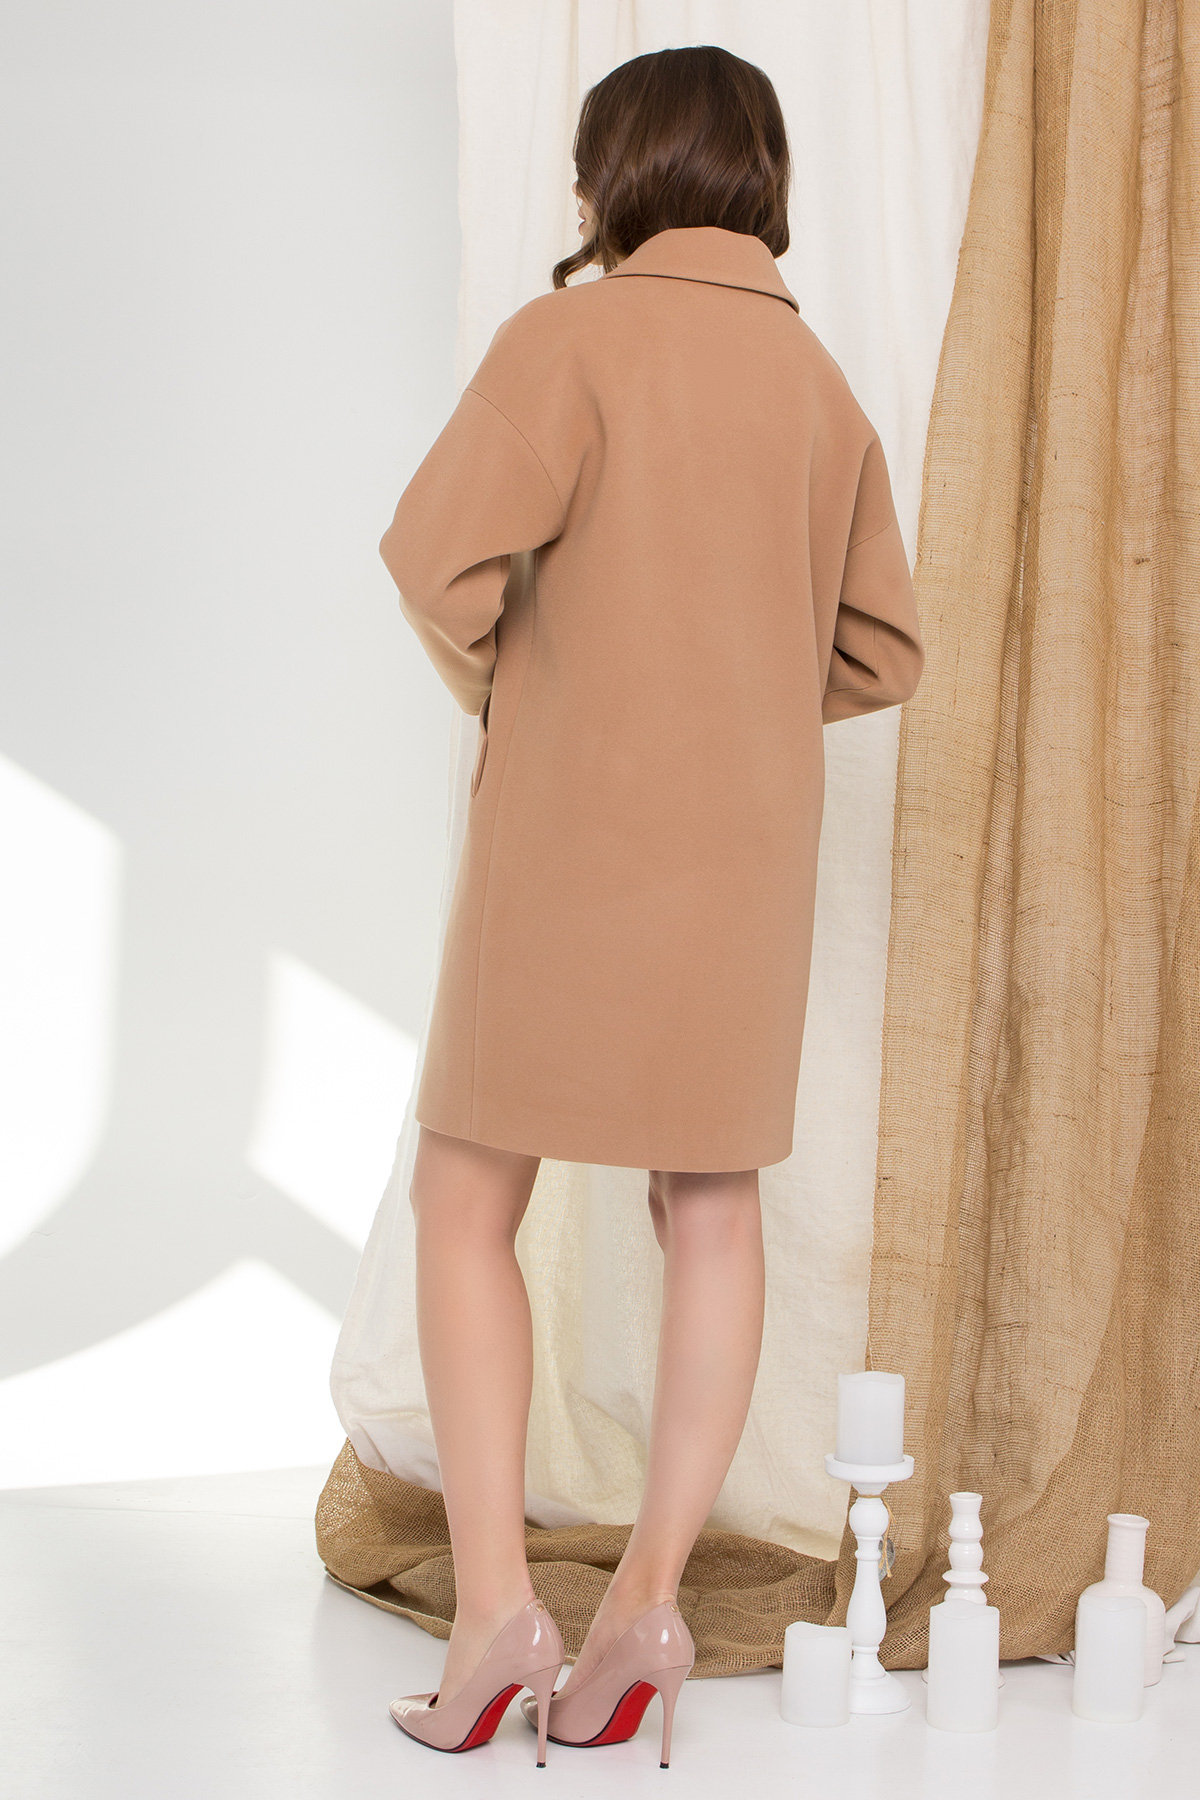 Пальто Сенсей 9006 АРТ. 45318 Цвет: Кемел - фото 6, интернет магазин tm-modus.ru